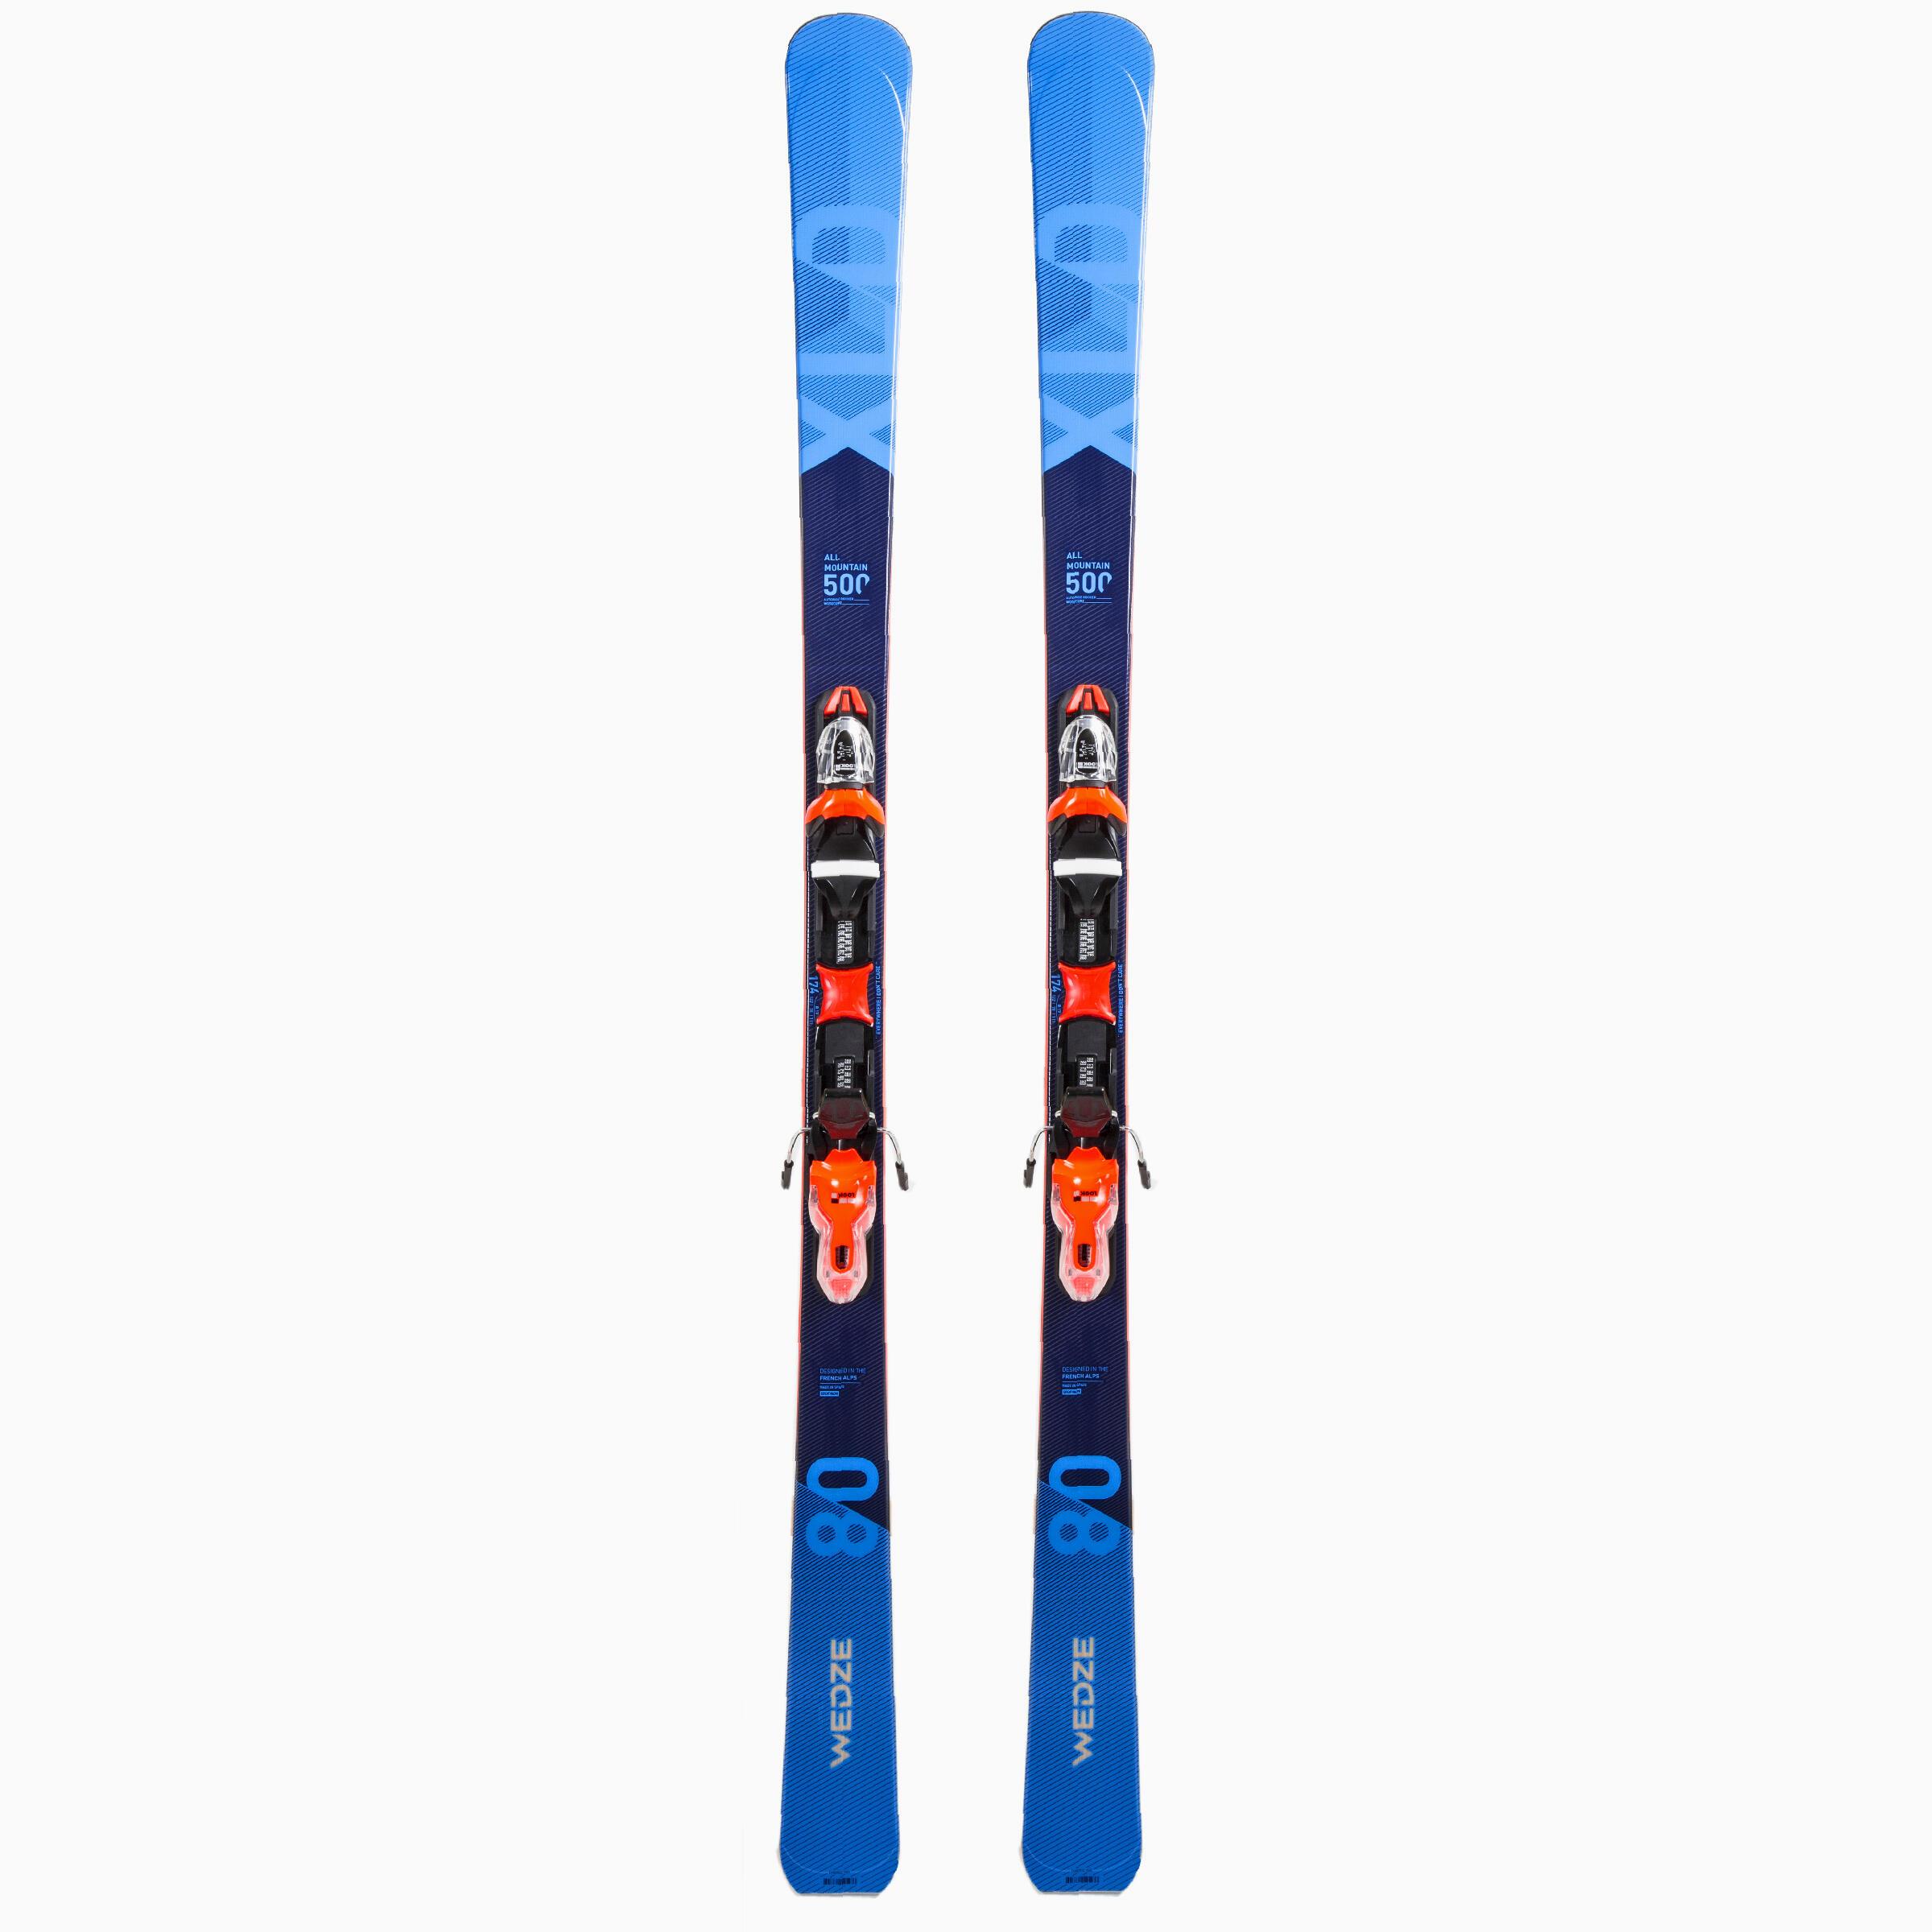 Ski Toute montagne Homme XLD500 bleu orange